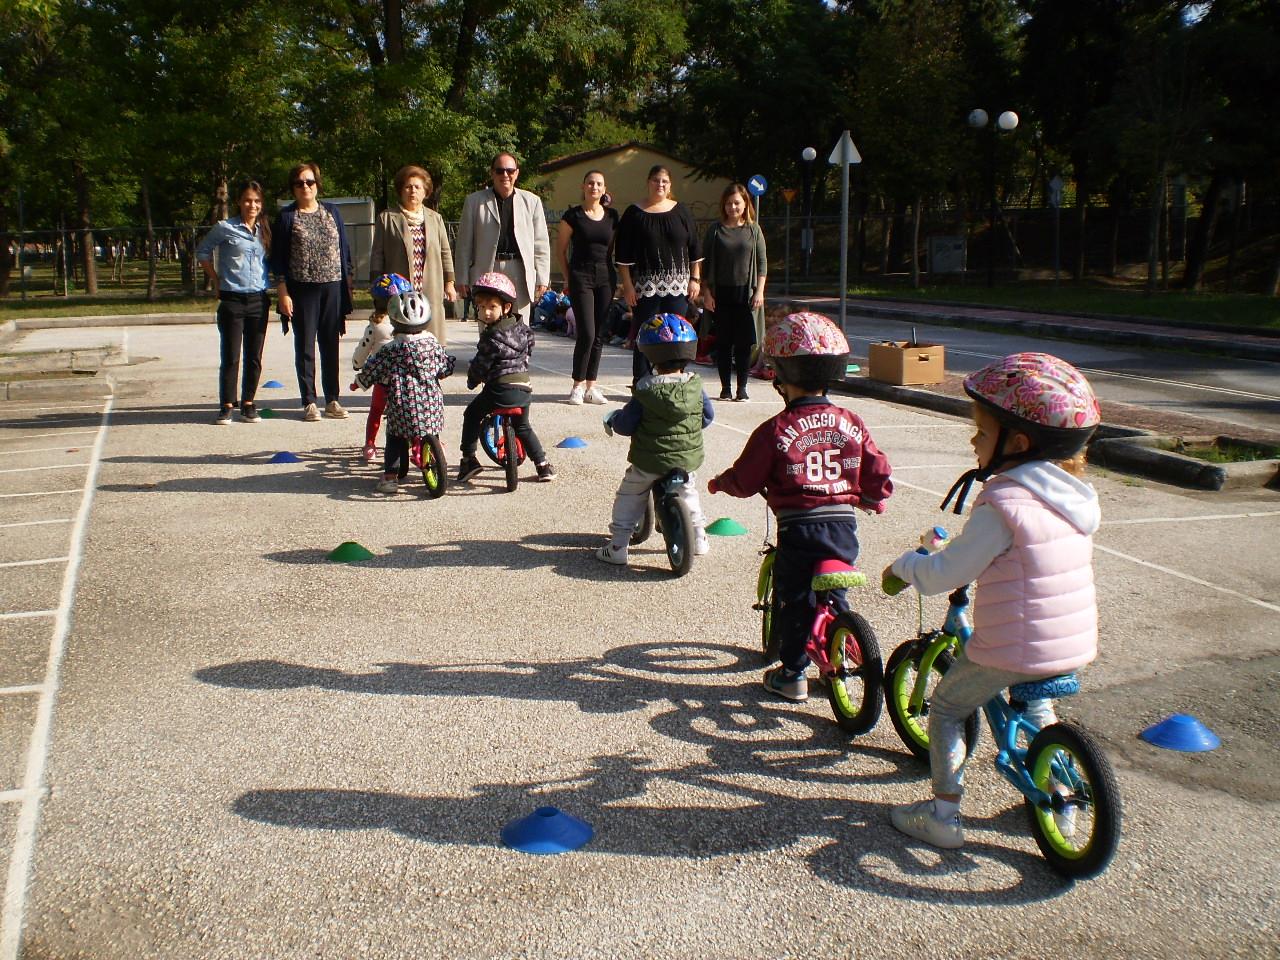 Έναρξη λειτουργίας του Πάρκου Κυκλοφοριακής Αγωγής Δήμου Λαρισαίων